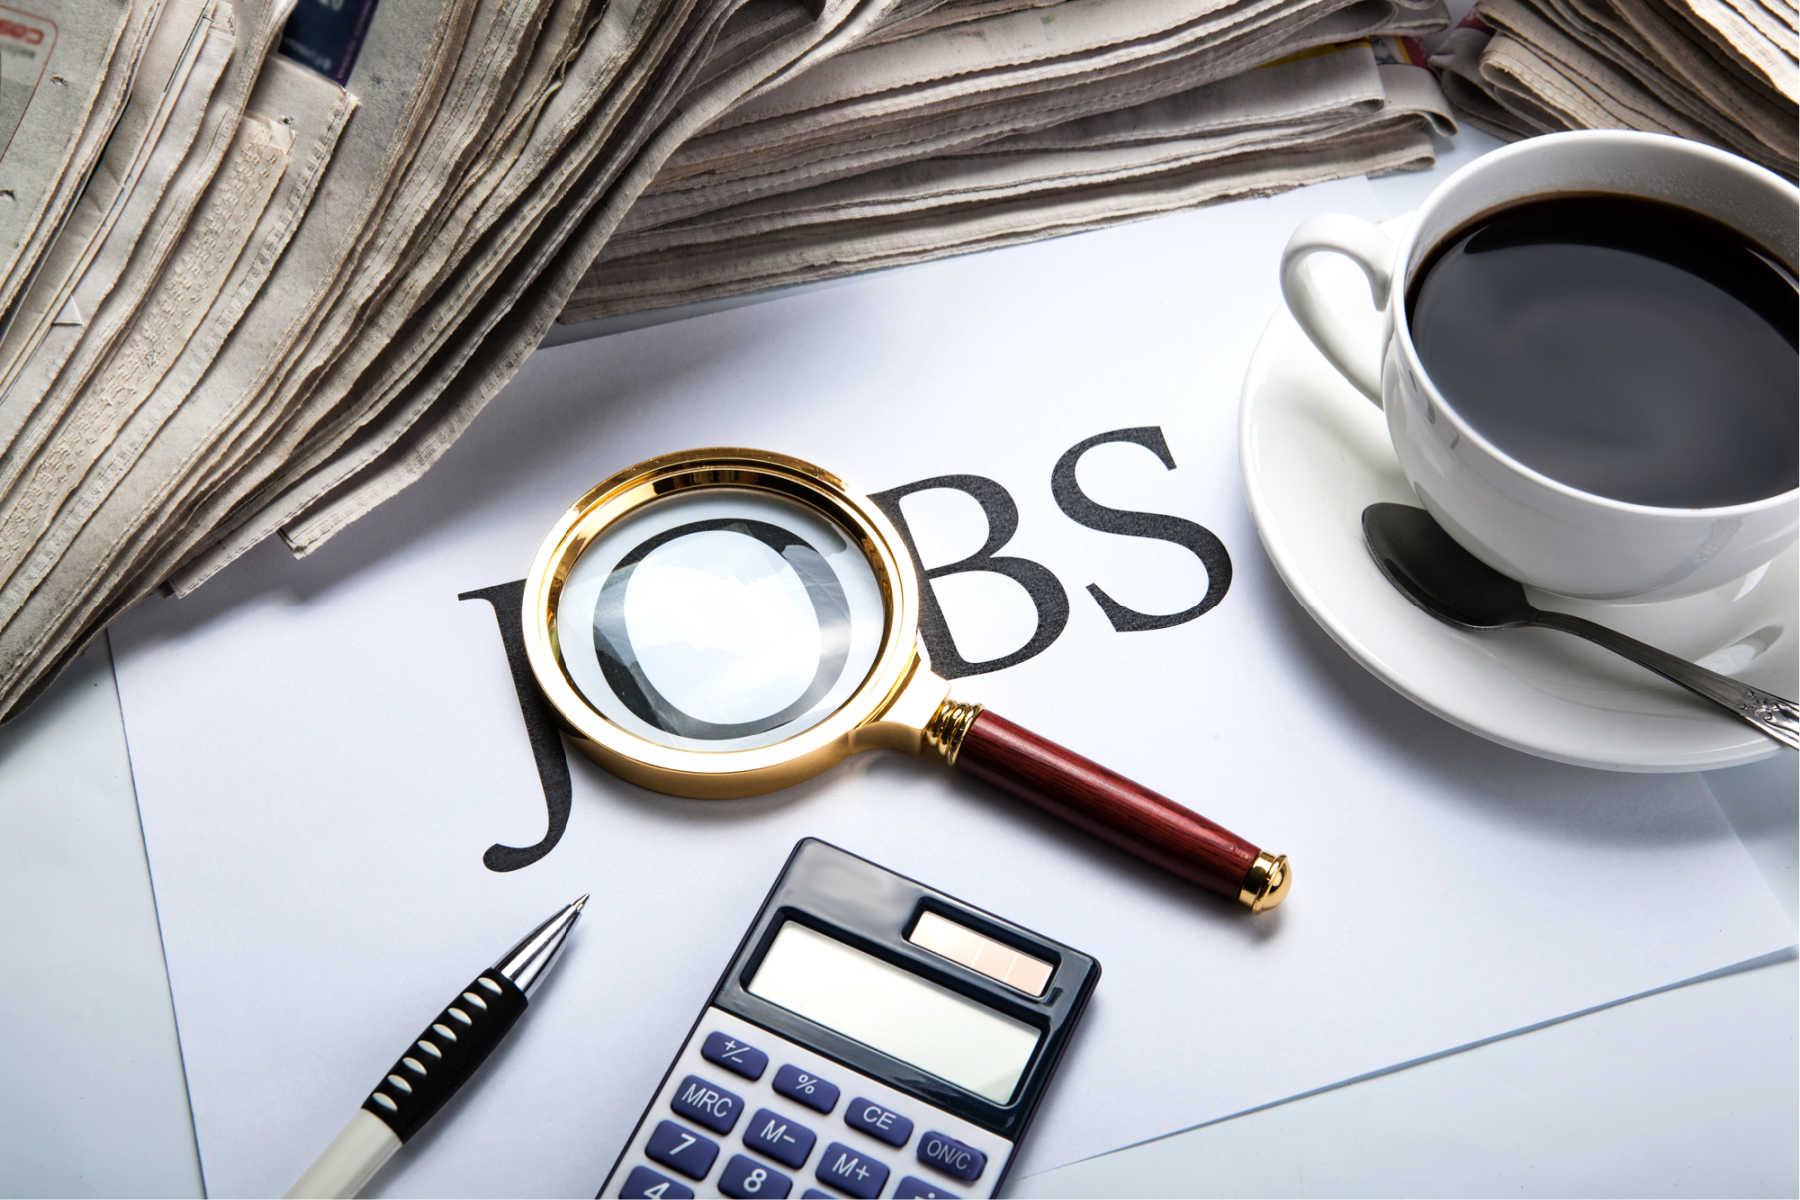 job-keeper-job-seeker-job-trainer-job-maker-2020